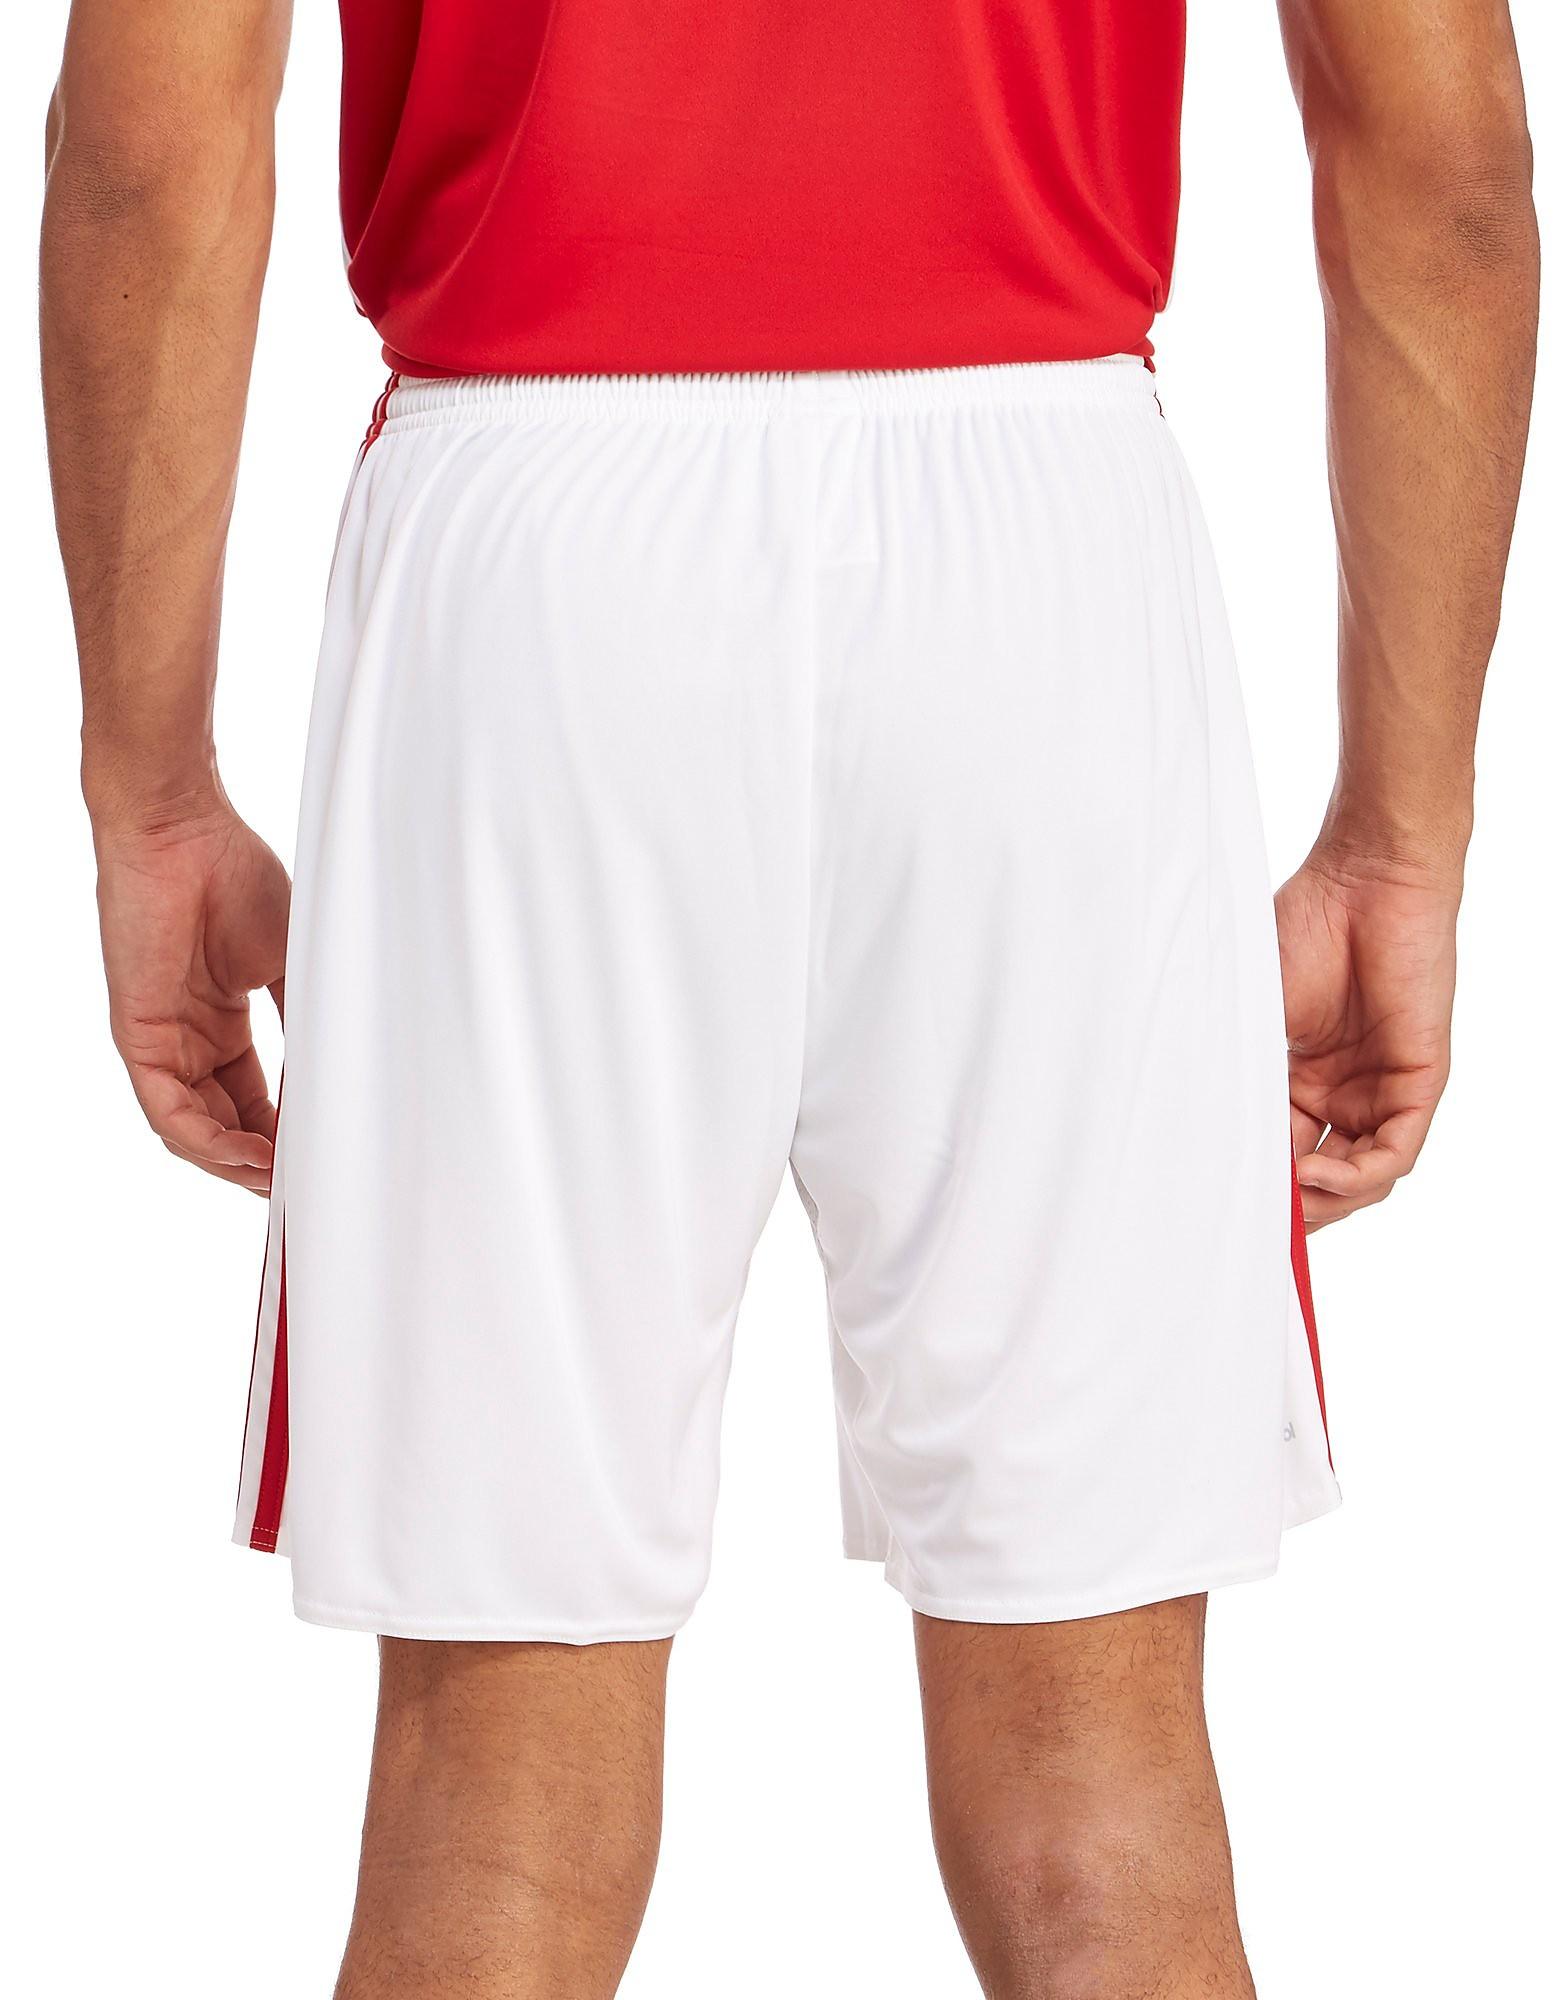 adidas Pantalones cortos de la 1ª equipación del Manchester United FC 2016/17